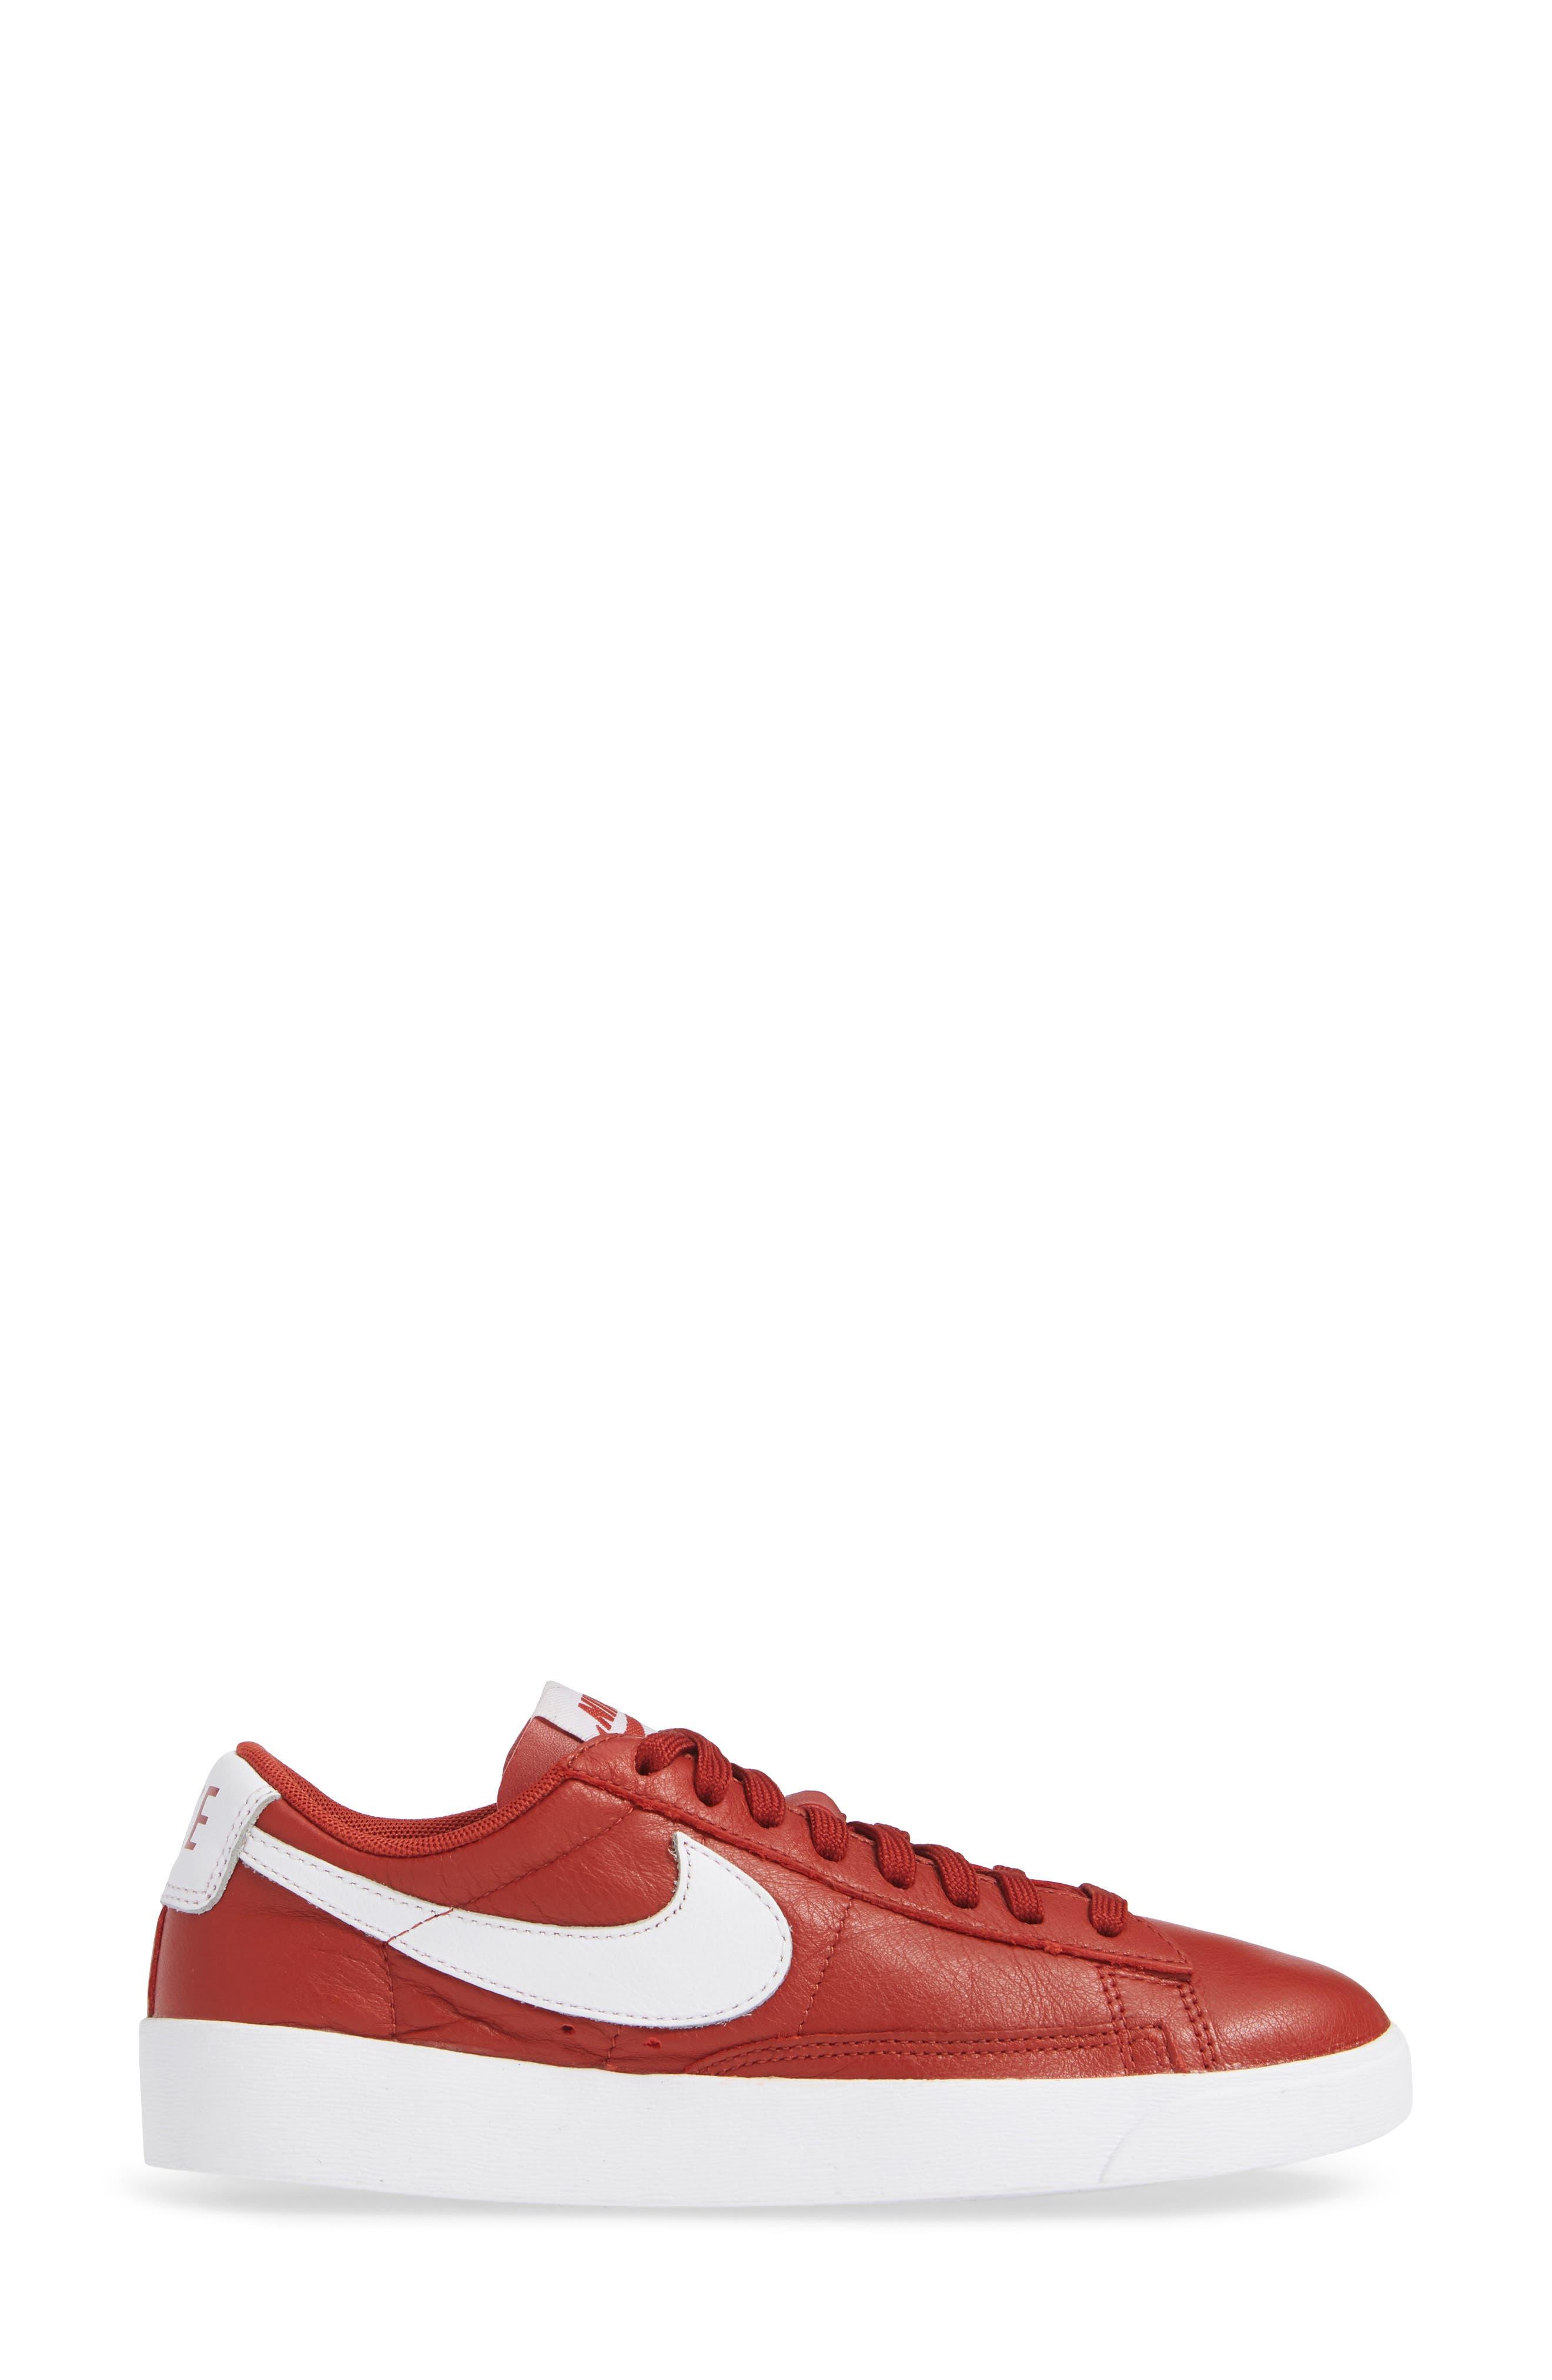 Blazer Low SE Sneaker,                             Alternate thumbnail 3, color,                             DUNE RED/ WHITE-DUNE RED